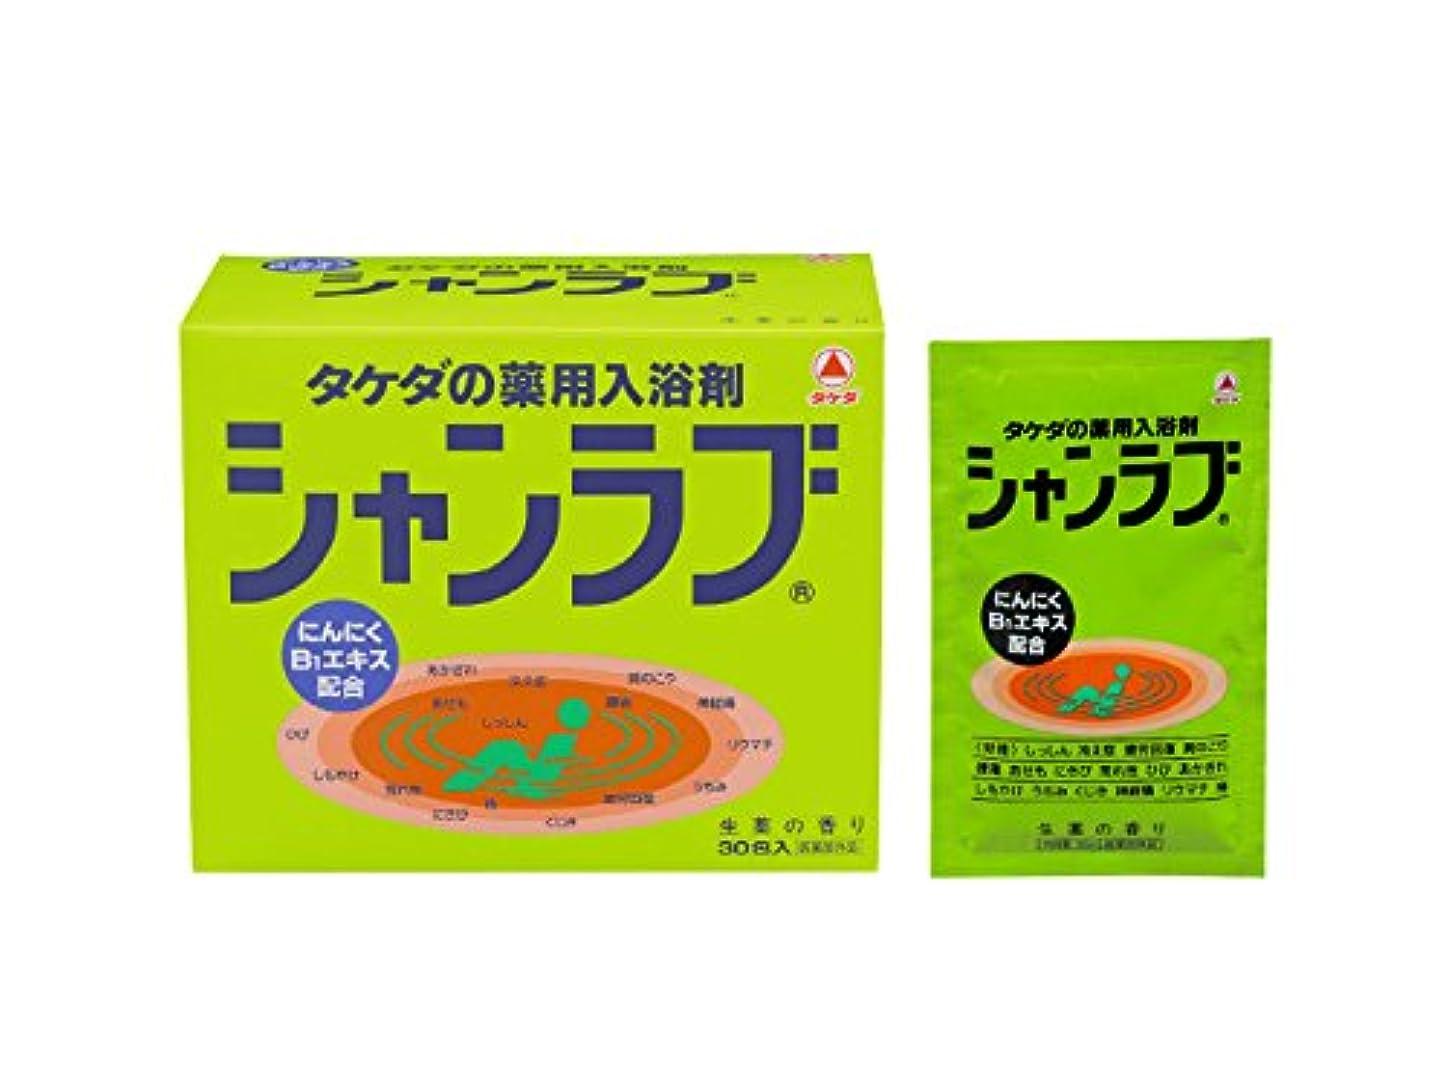 希少性タブレット間違えた【医薬部外品】武田コンシューマーヘルスケア シャンラブ 生薬の香り 30包